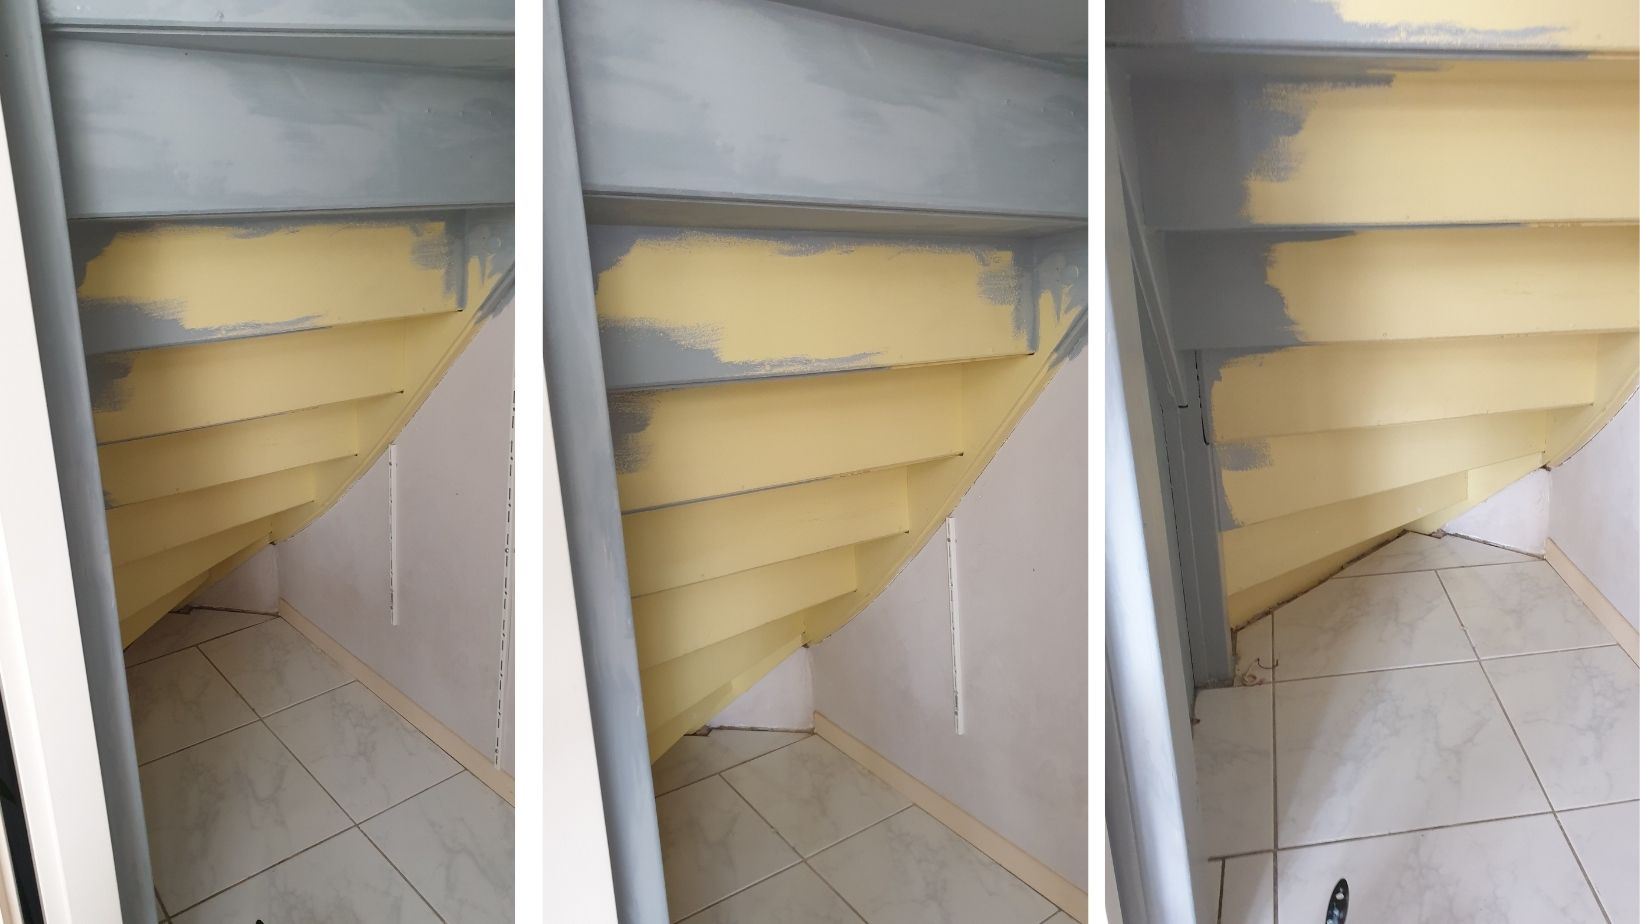 spiżarka pod schodami